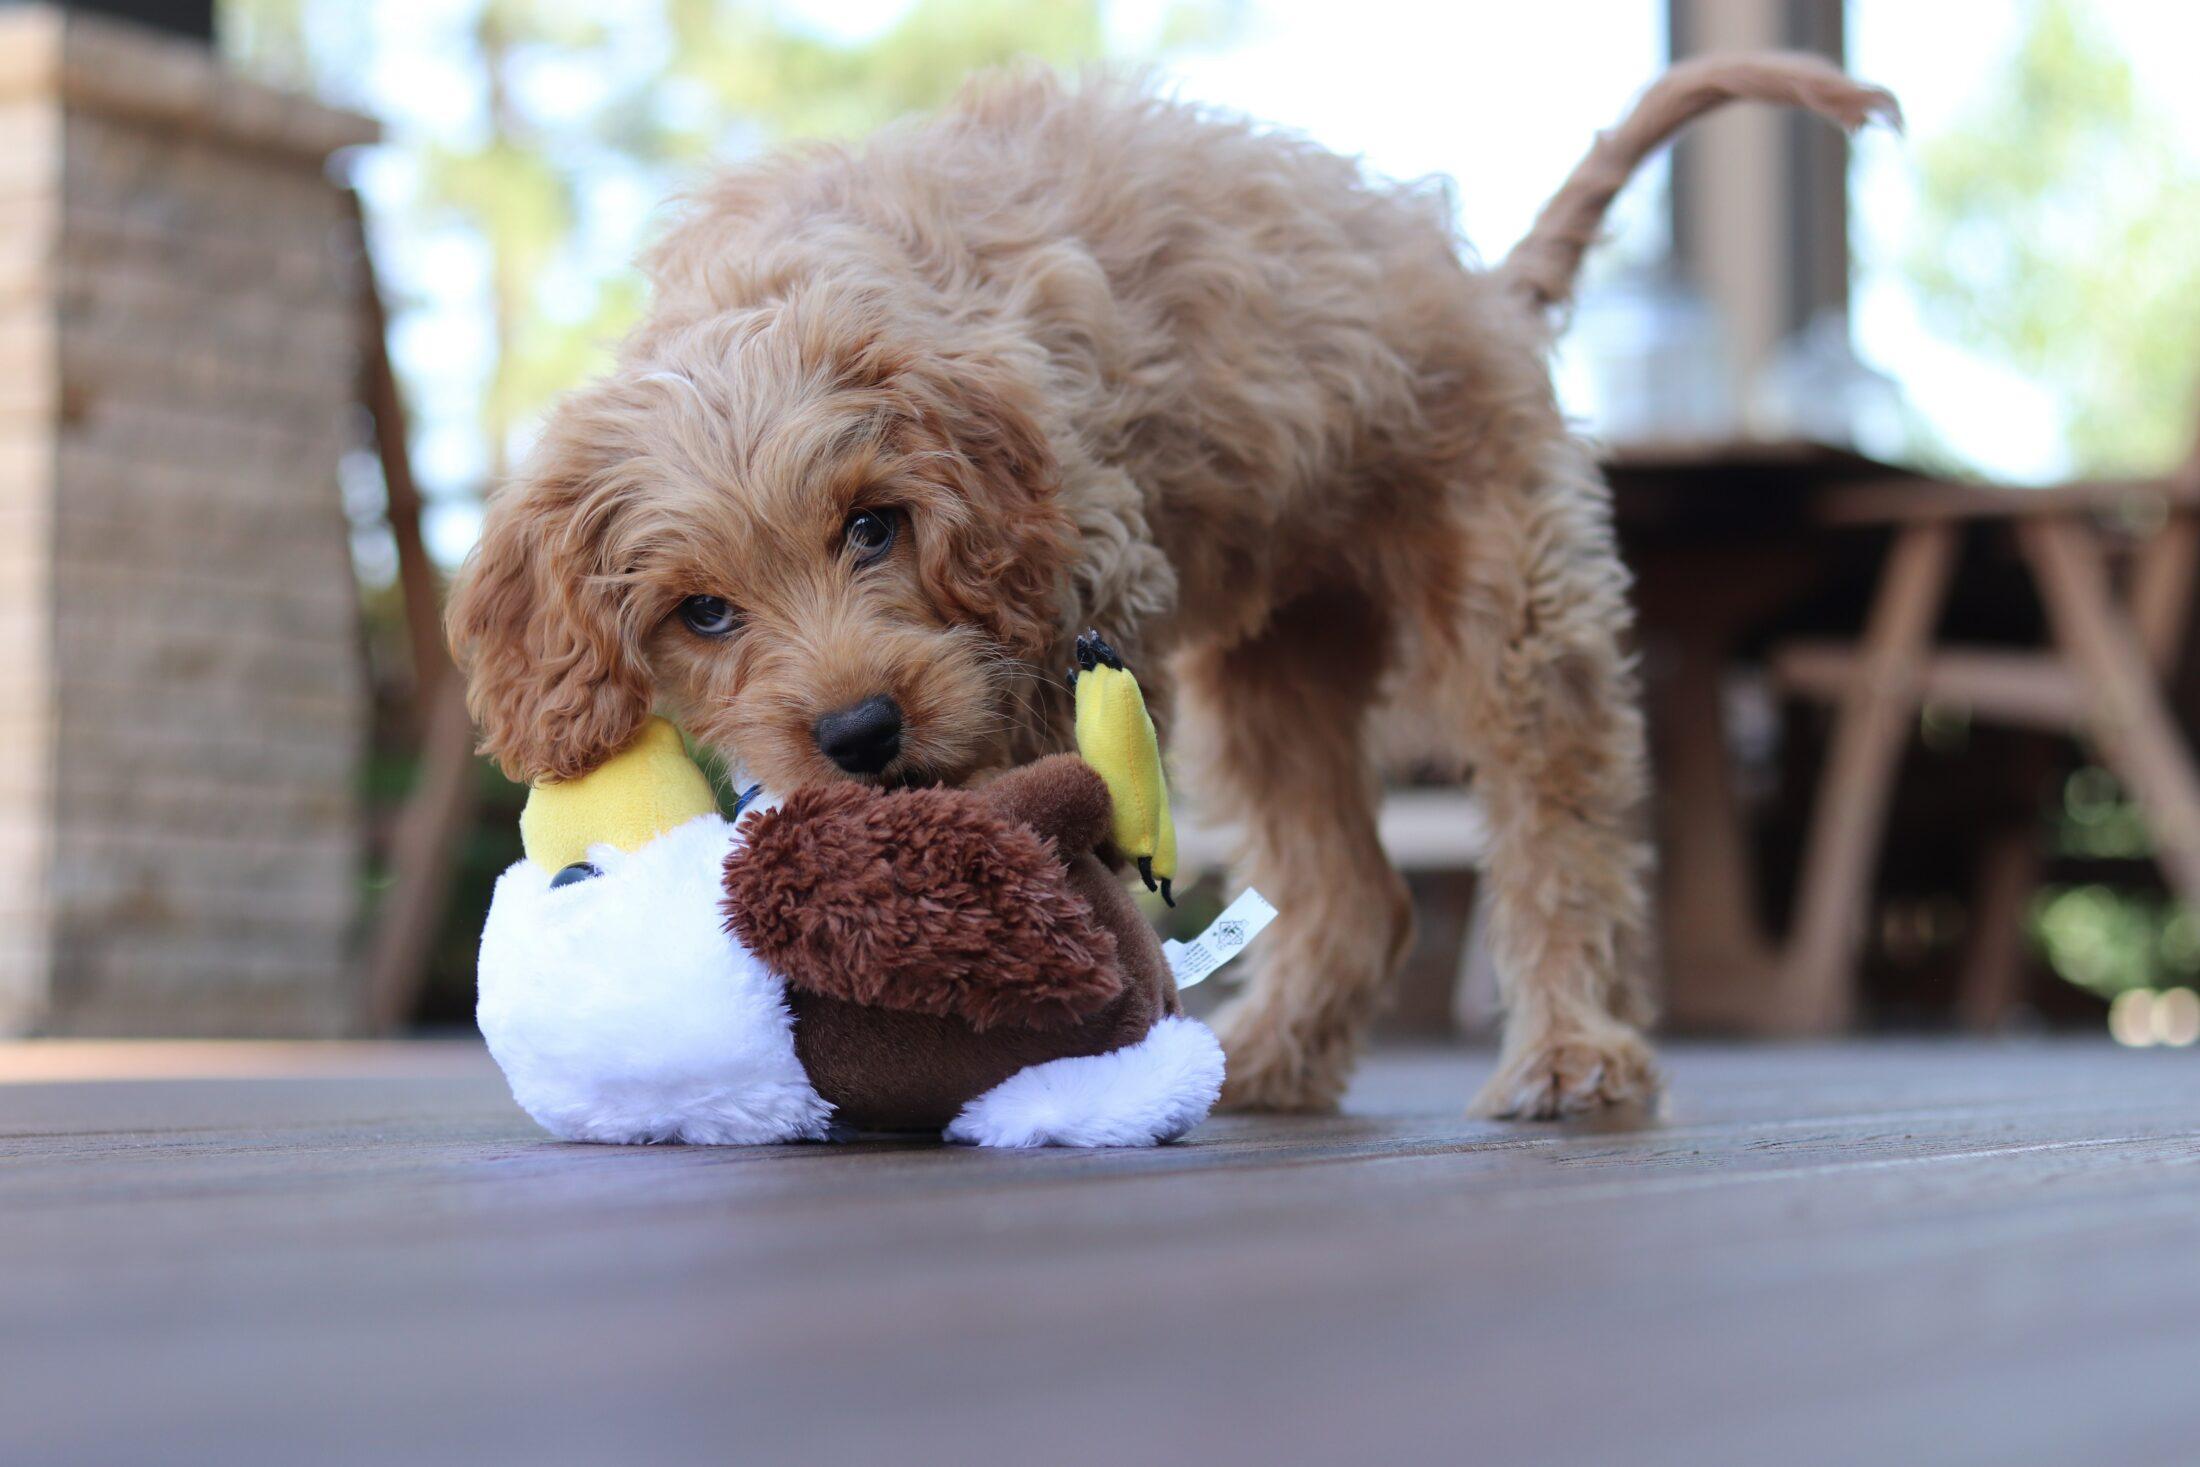 cachorro ocm ciúmes destruindo brinquedo de pelucia